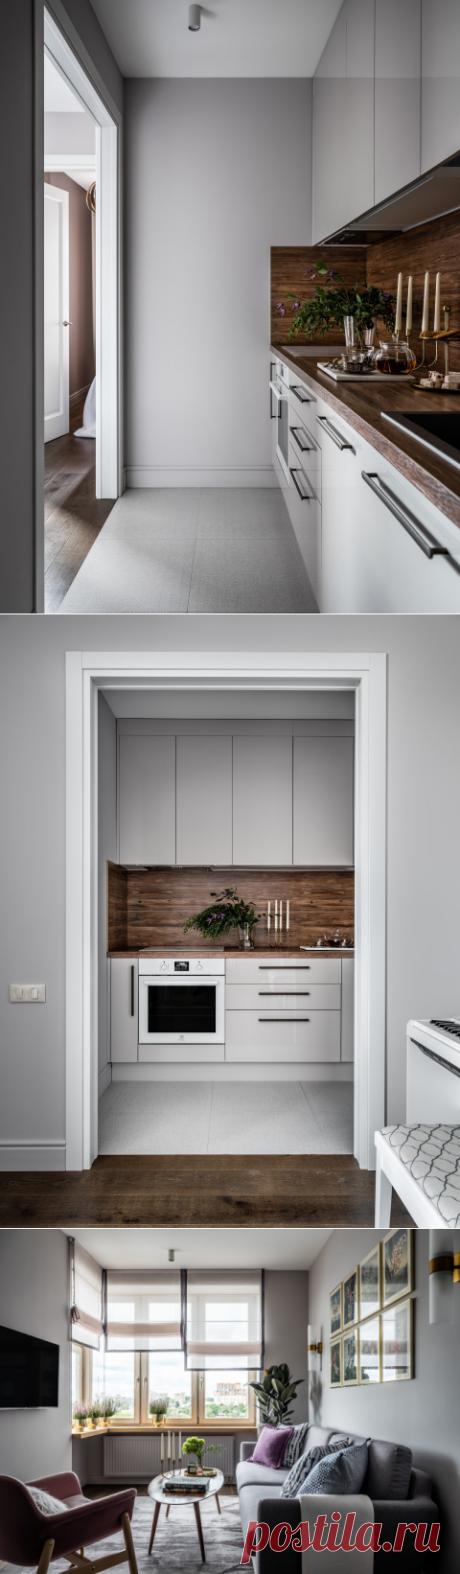 Планировка и дизайн однокомнатной квартиры 43 кв м для молодой девушки – 4 варианта | Houzz Россия